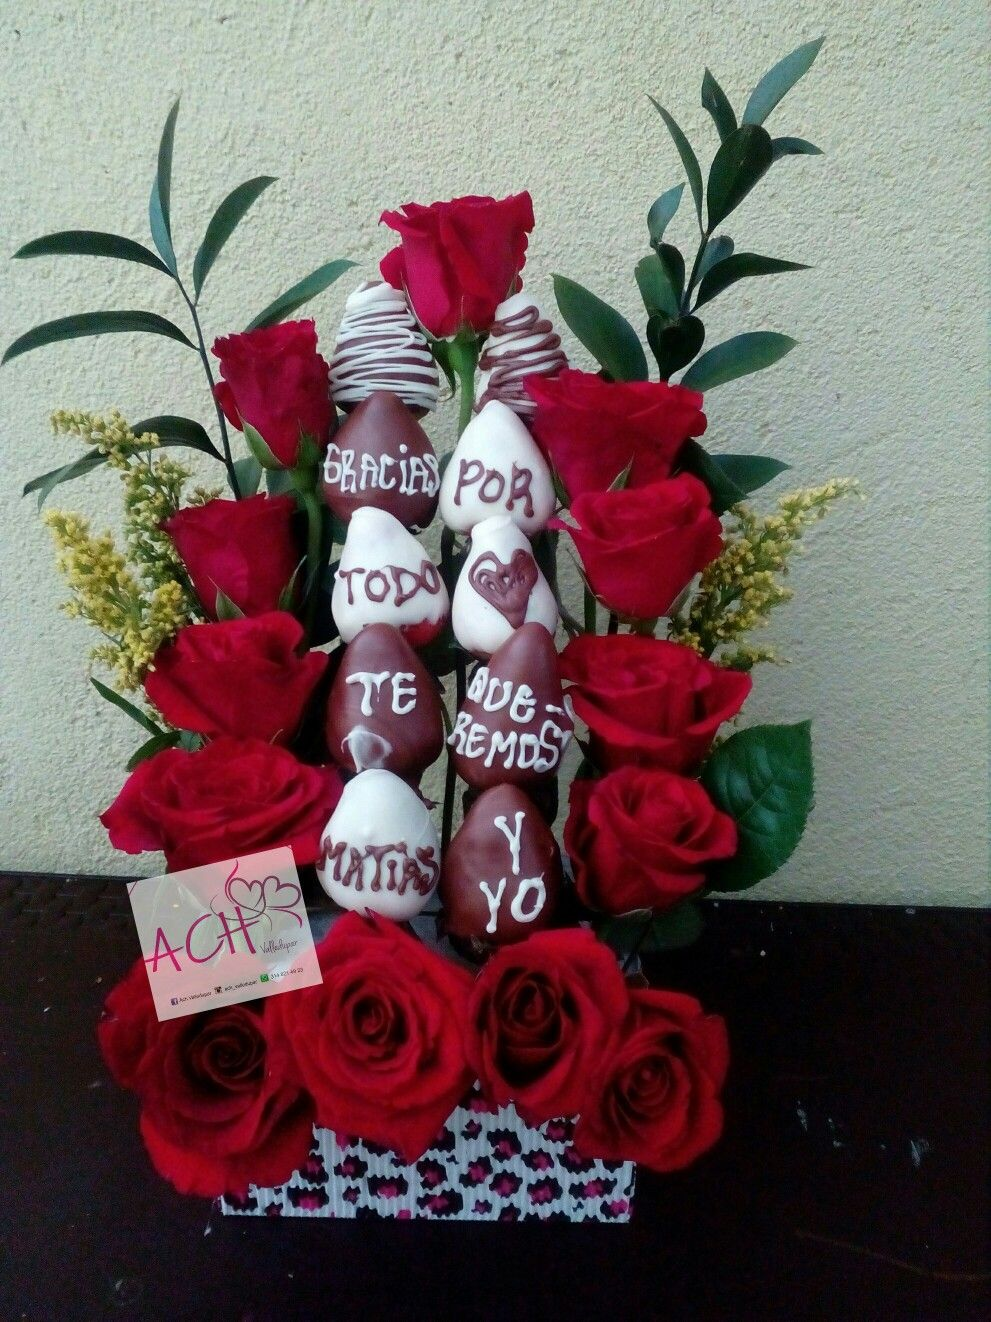 Bouquet De Rosas Y Fresas Frutillas Con Chocolate En